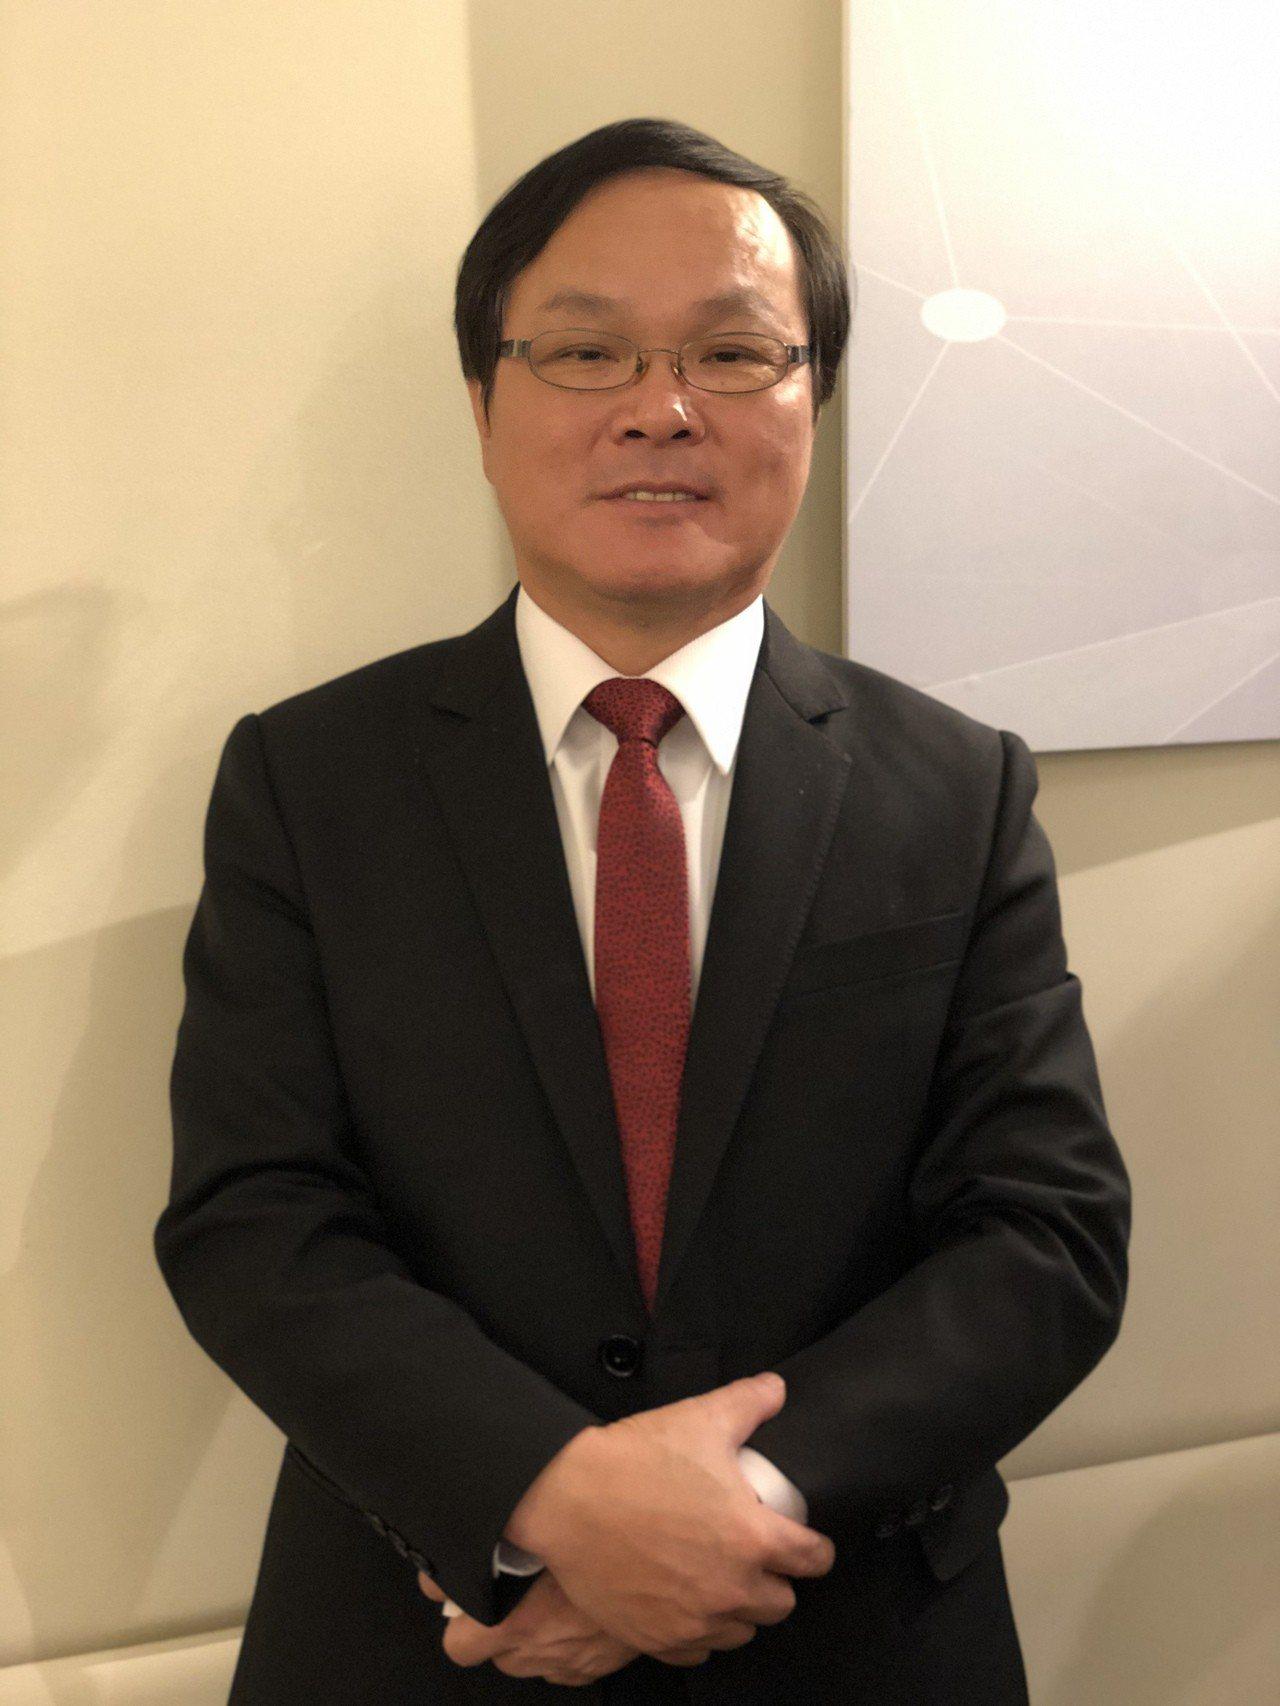 詠昇電子董事長黃塗城。記者蕭君暉/攝影